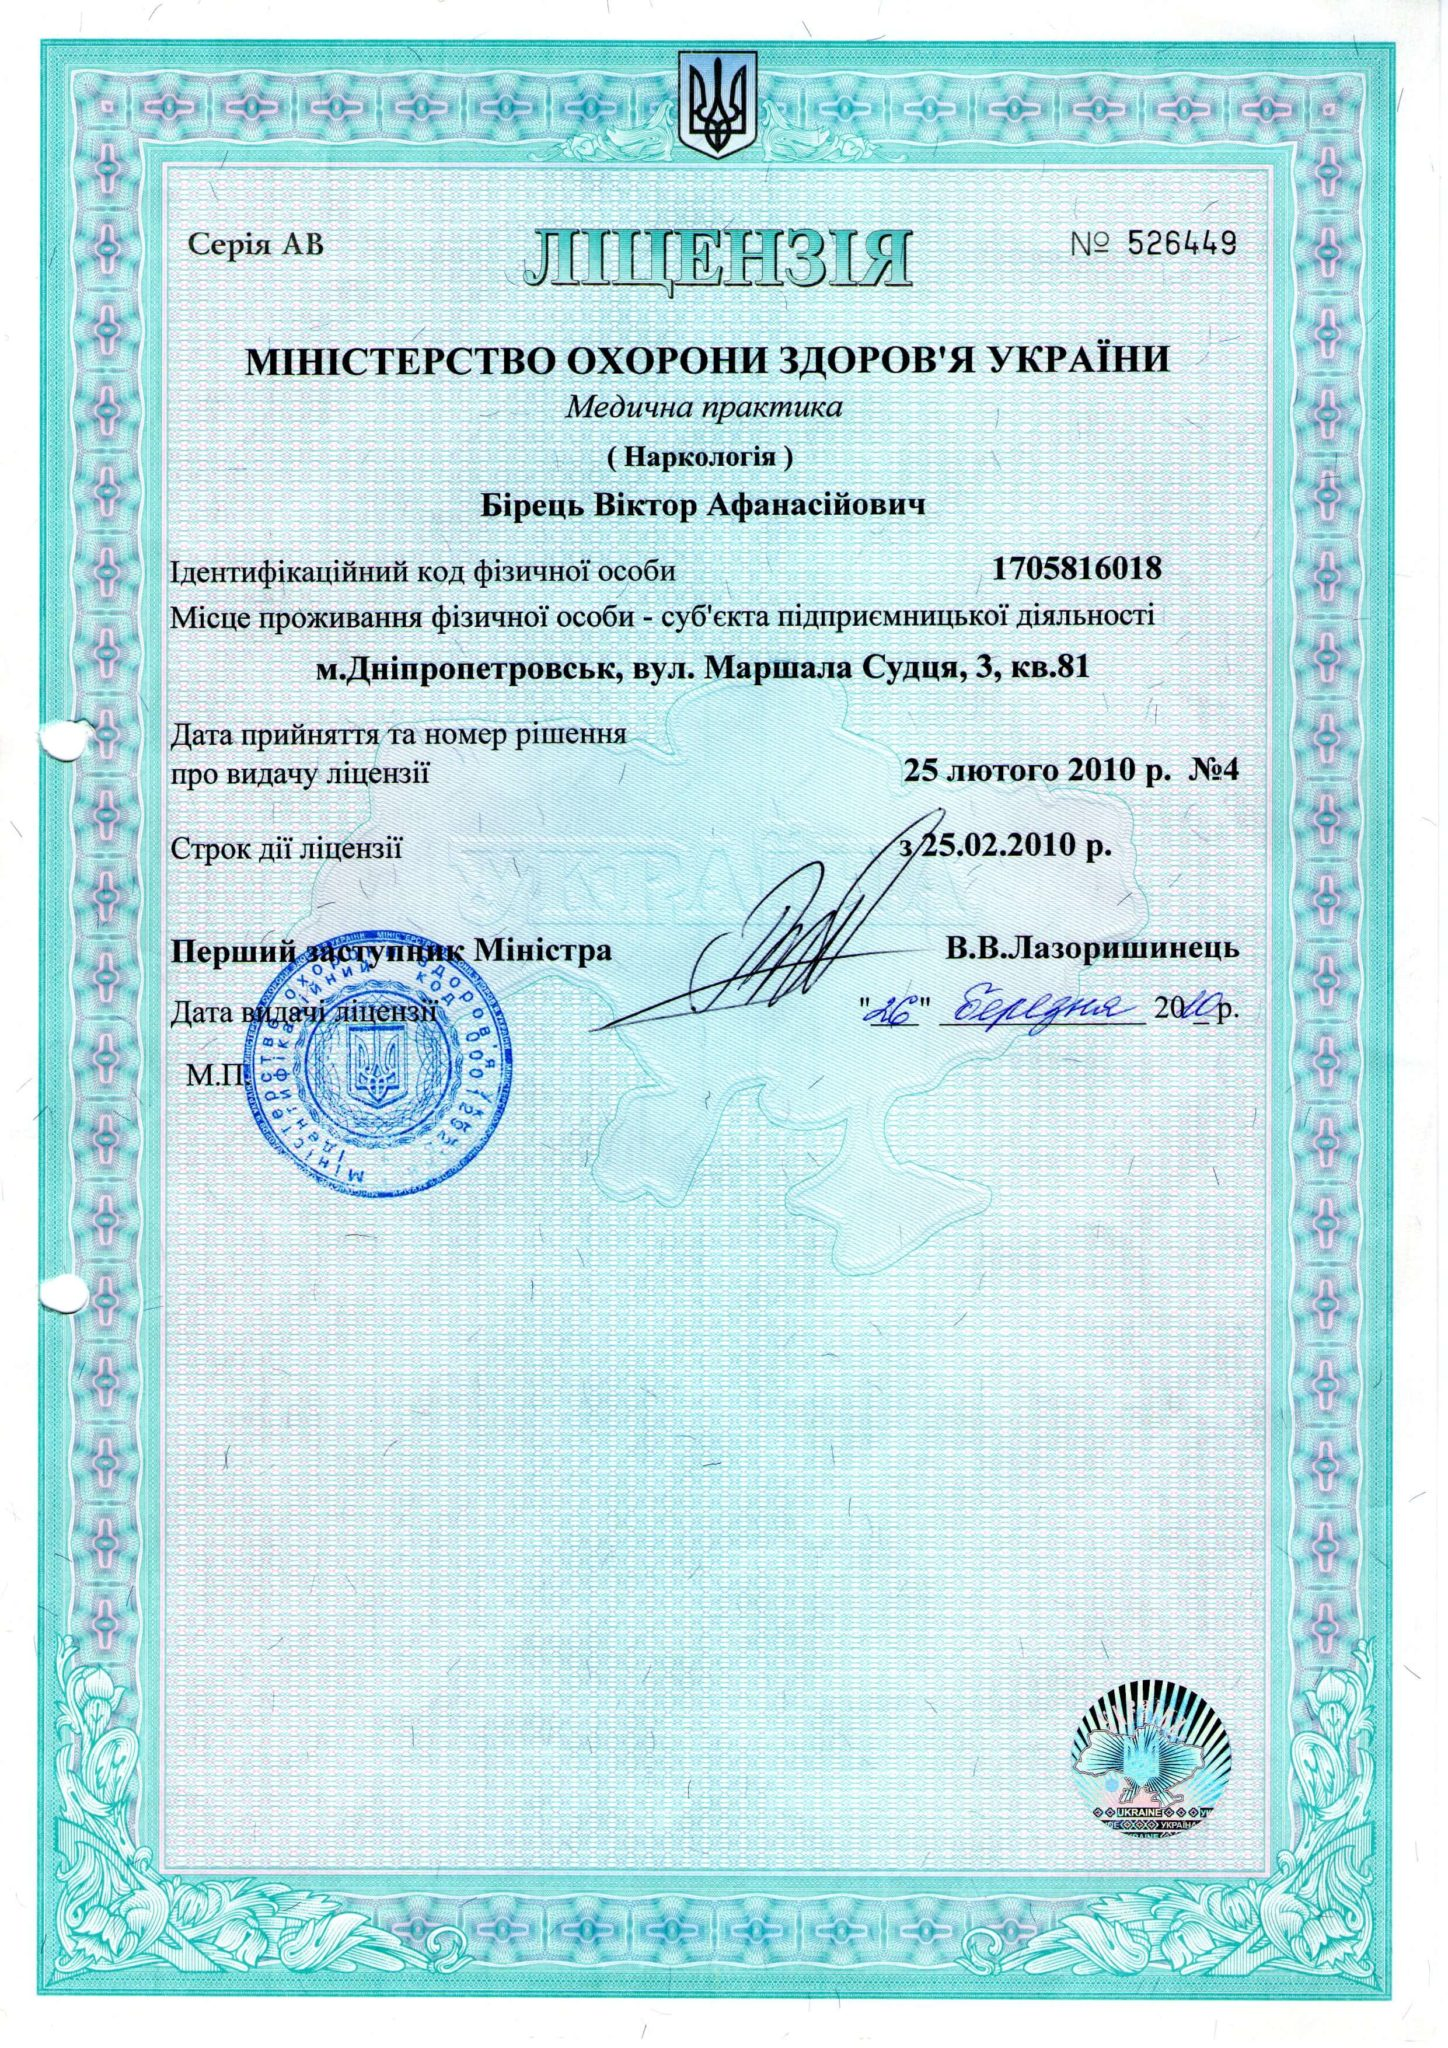 Лицензия Министерства здравоохранения Украины